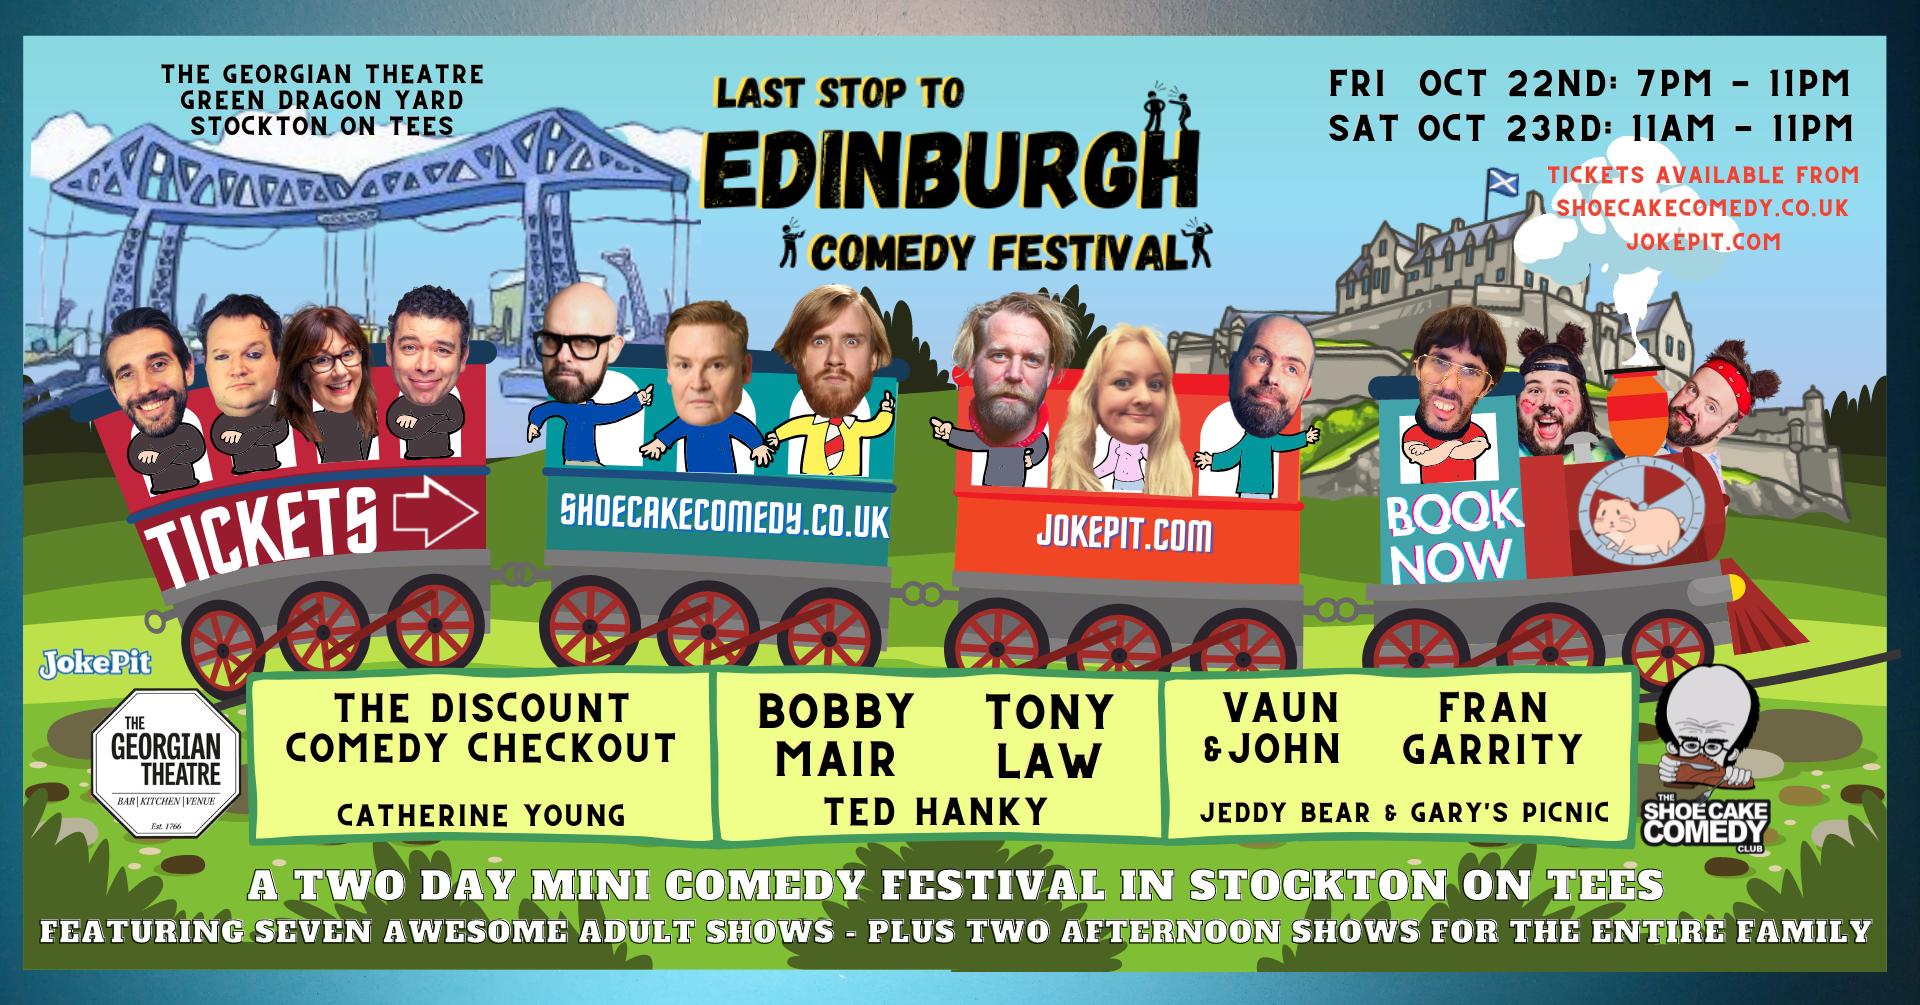 Last stop to edinburgh comedy festival jokepit comedy tickets